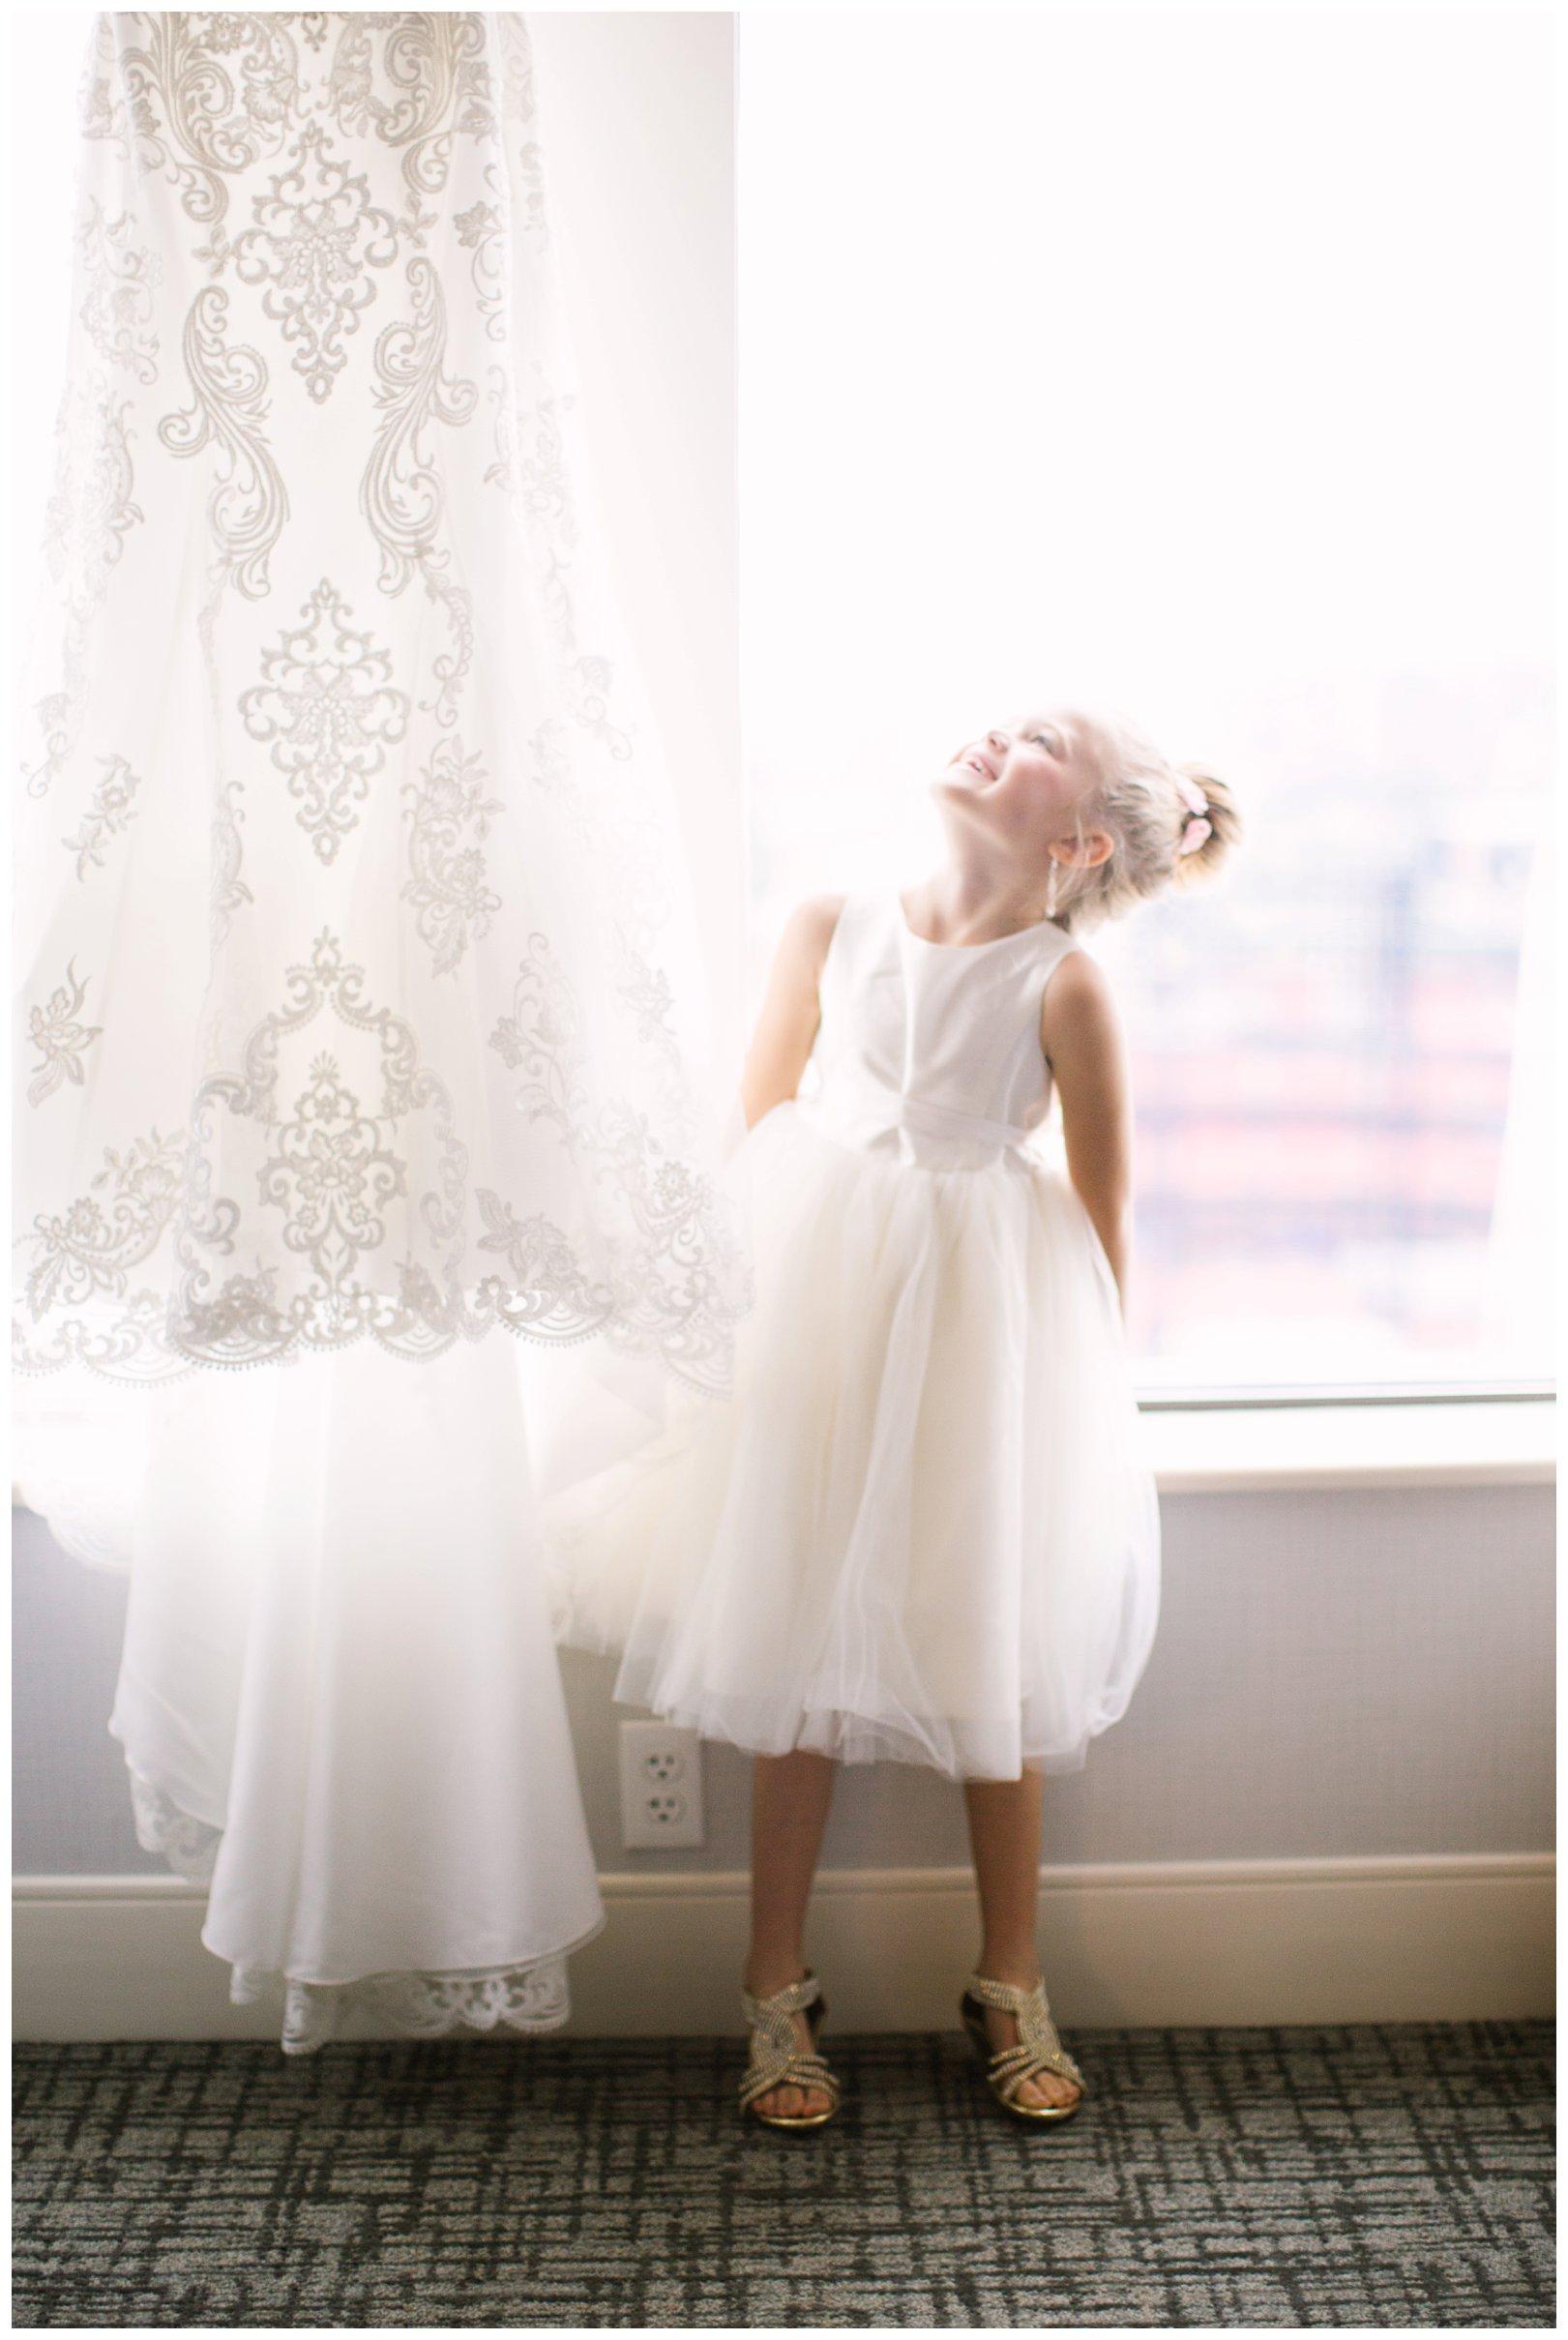 lauren muckler photography_fine art film wedding photography_st louis_photography_2123.jpg